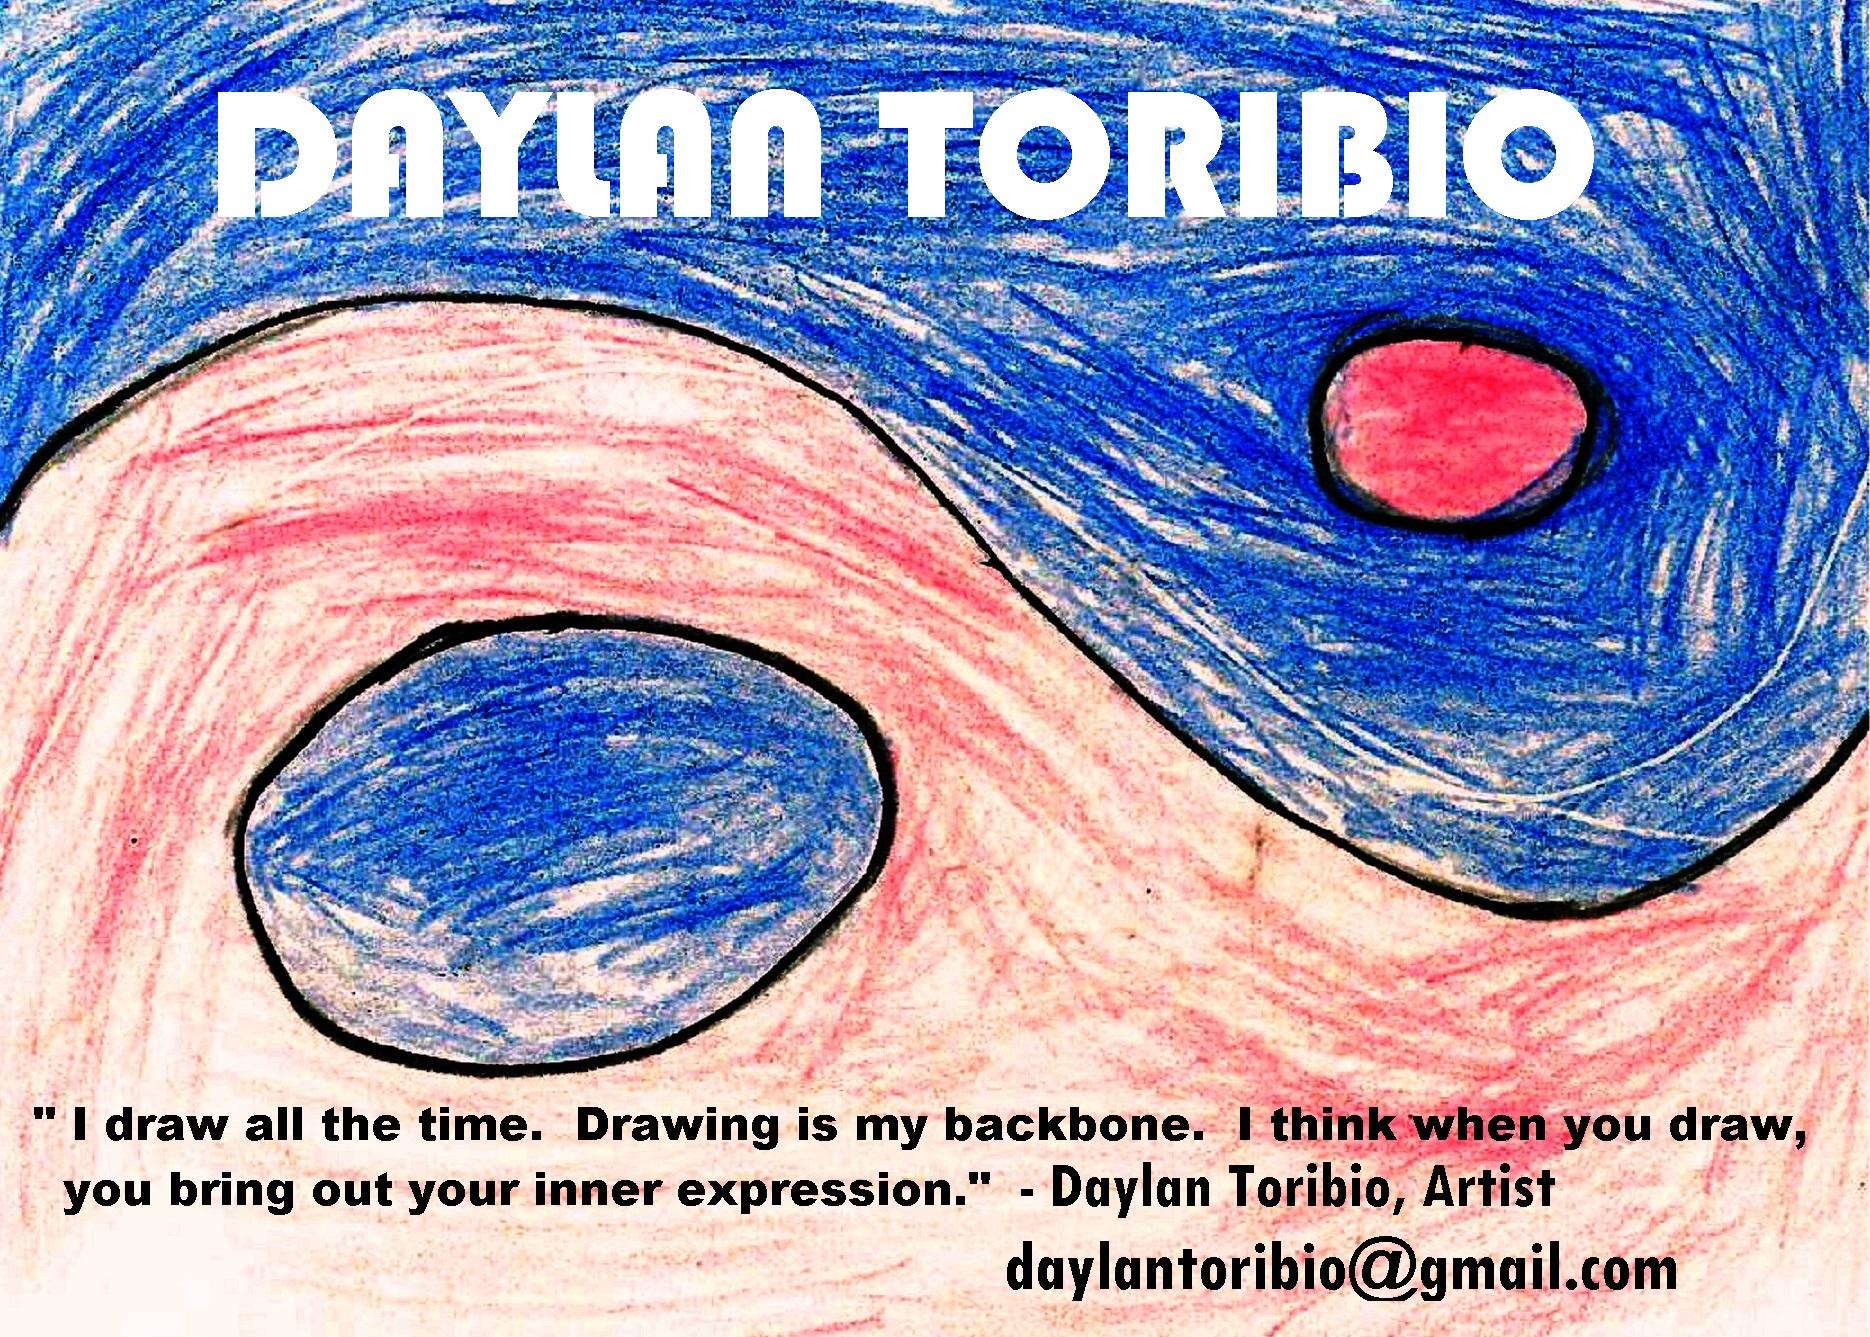 Daylan Toribio Hardware Store Worker Greeting Cards Artist Full